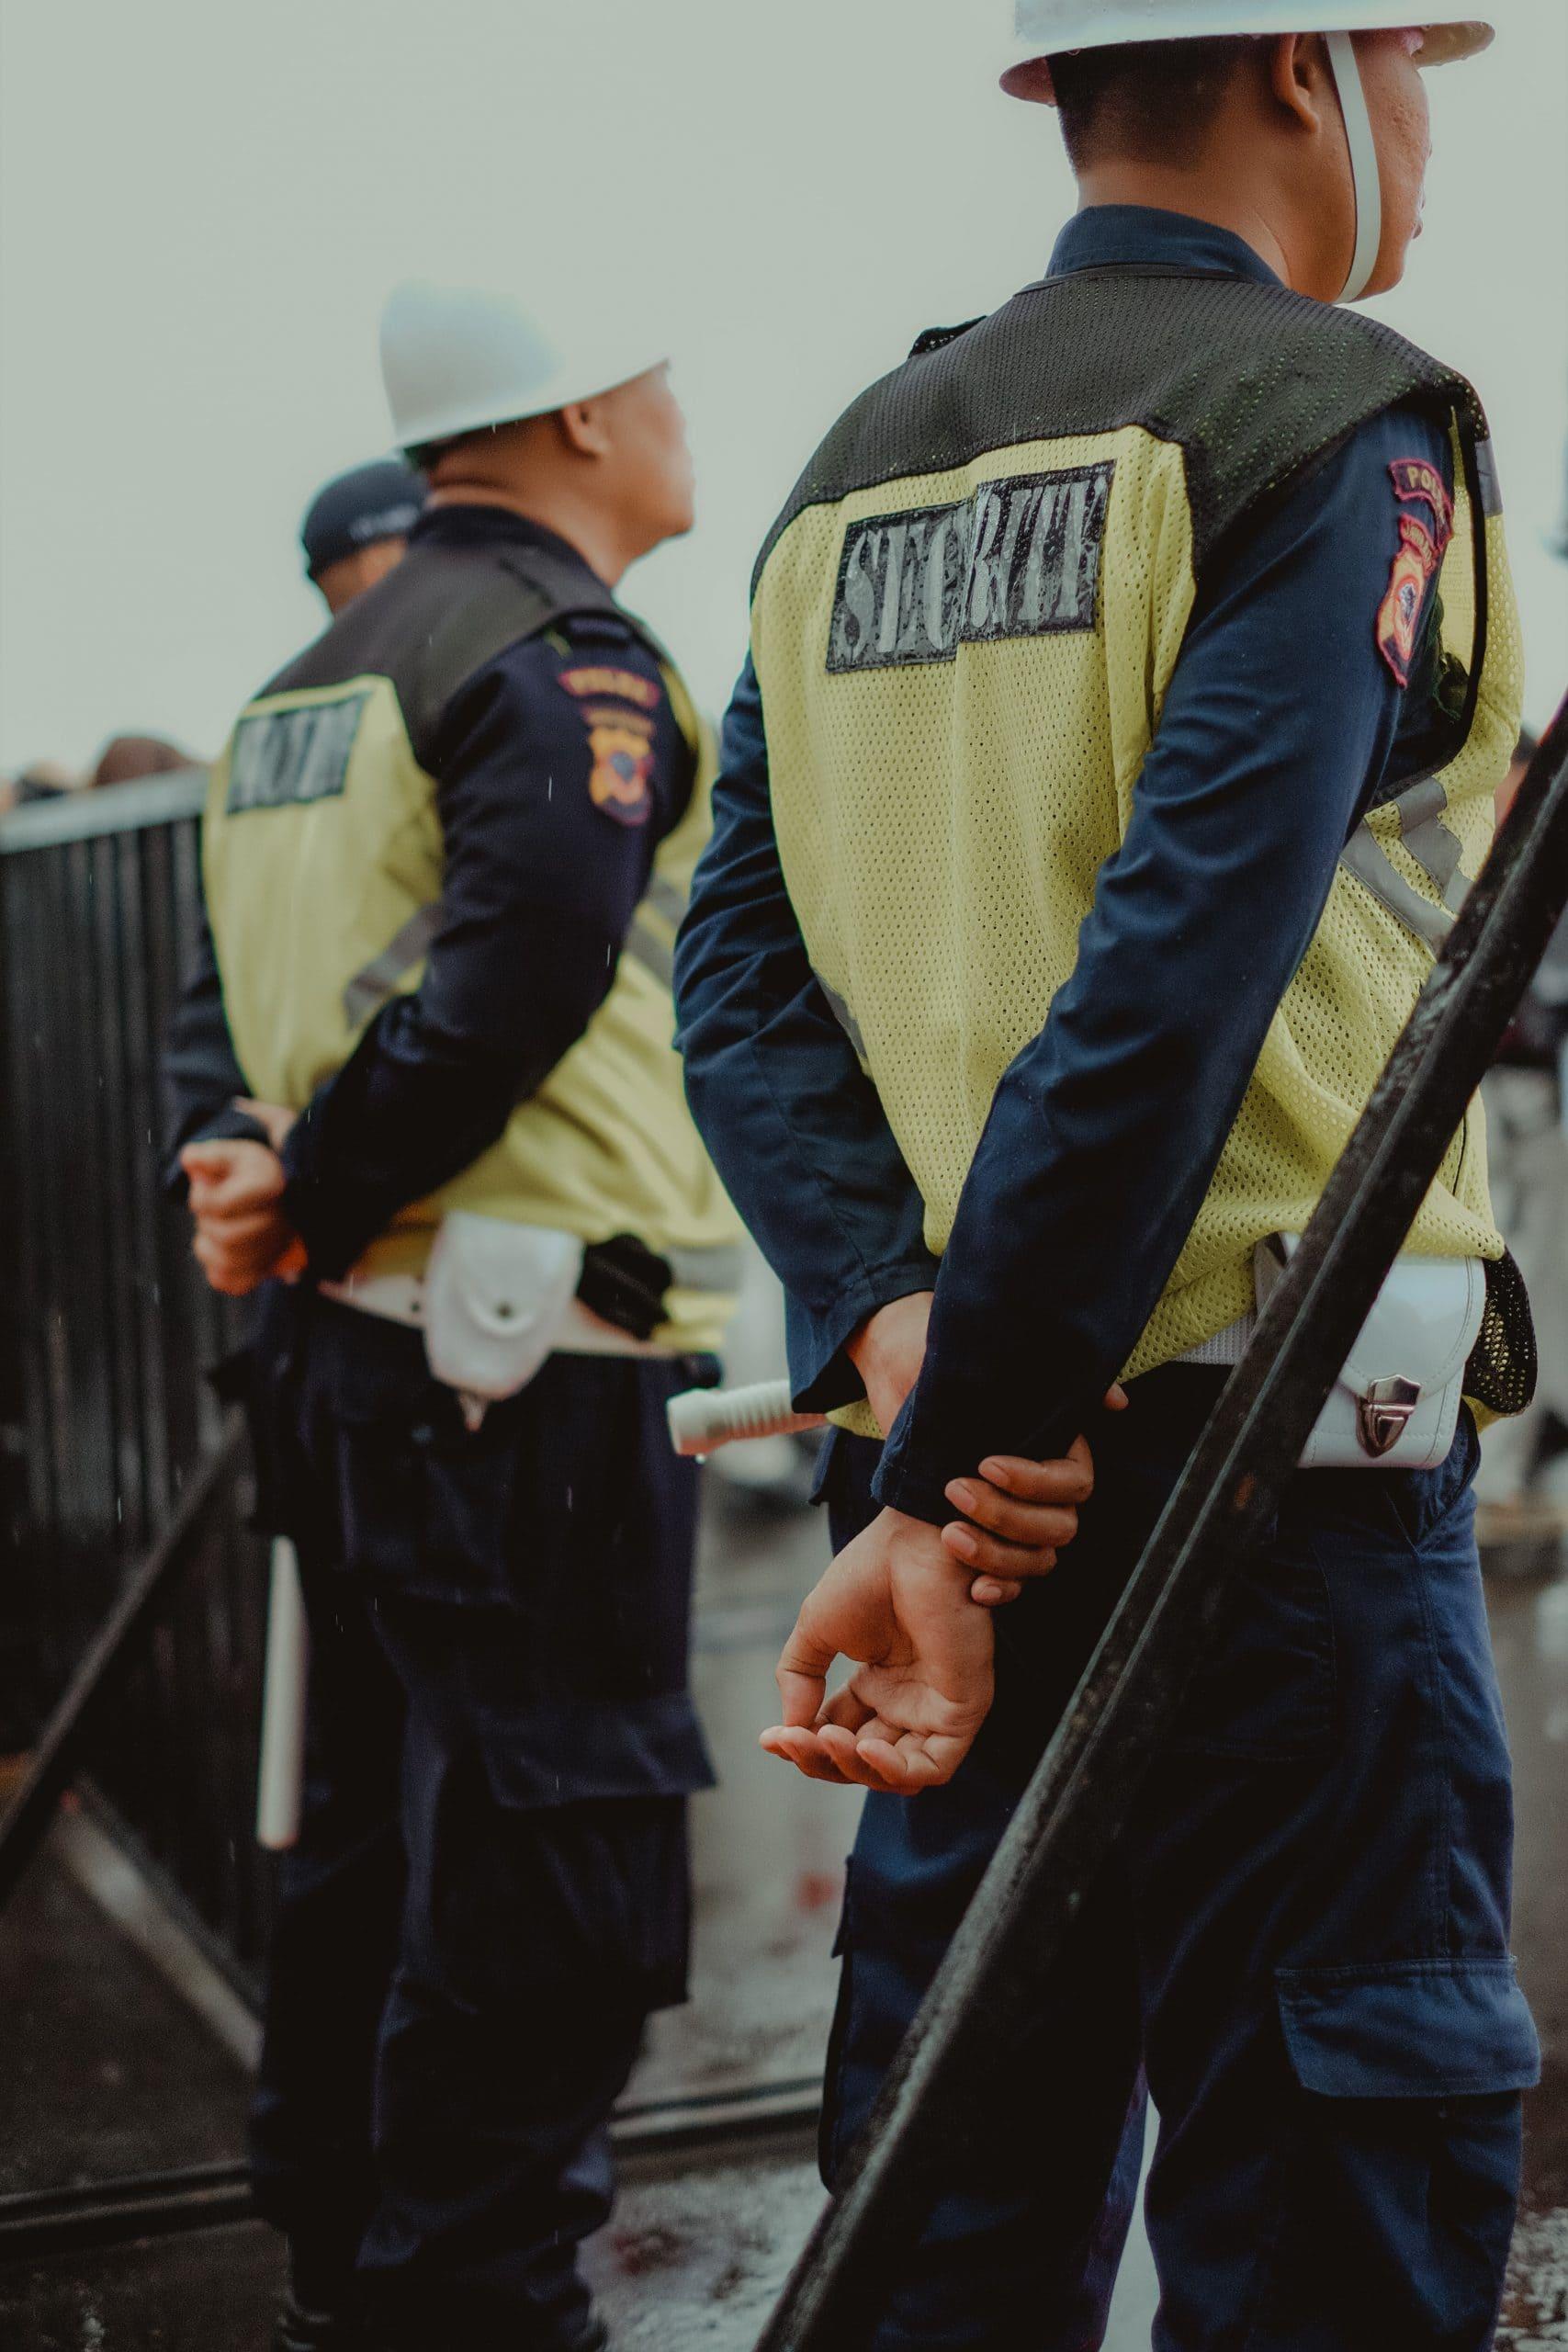 機械警備・常駐警備とは?仕事内容や会社・料金、警備コストの削減アイデア、警備会社の比較まで